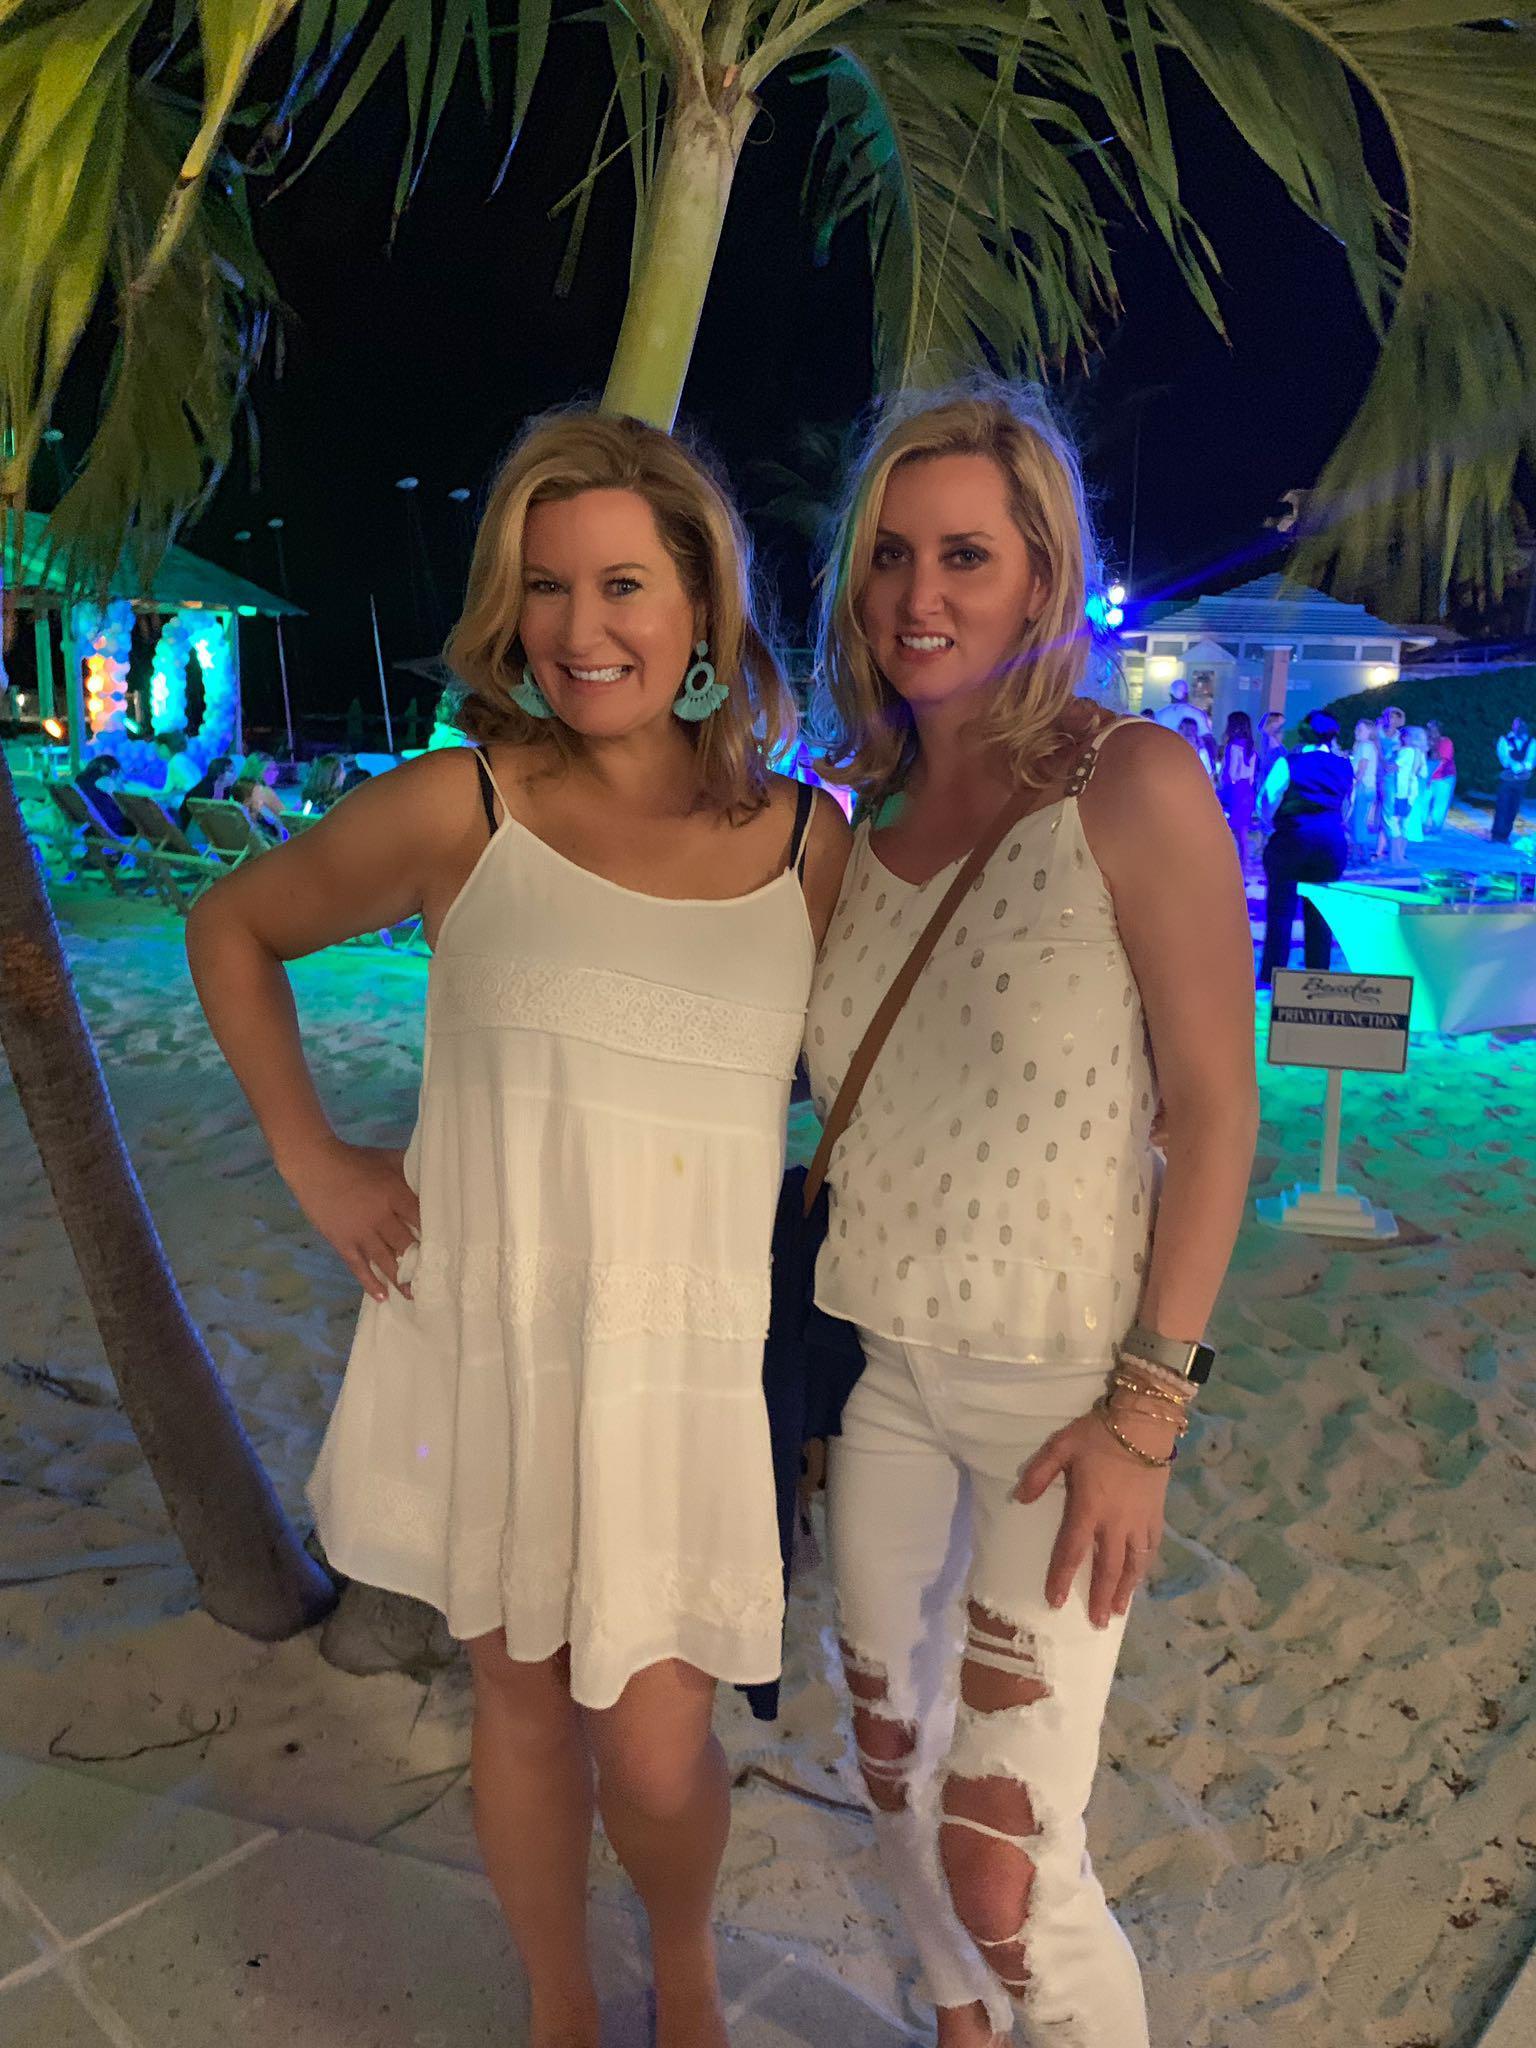 Trip-Sisters-Beaches-Collen-Kelly-Catie-Kehoe-Nightlife